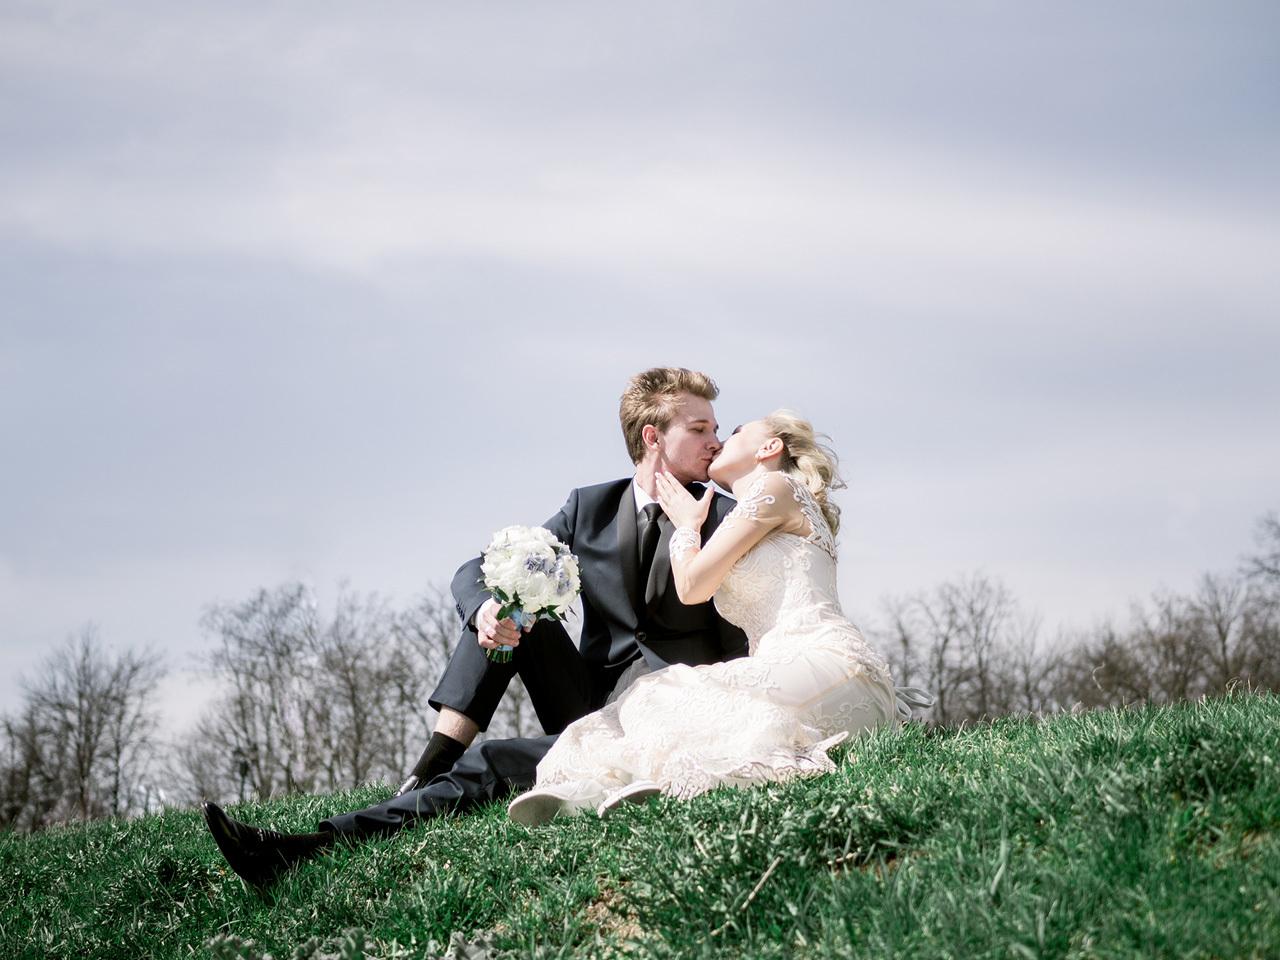 английскому критерии выбора свадебного фотографа список появилась музыкальной